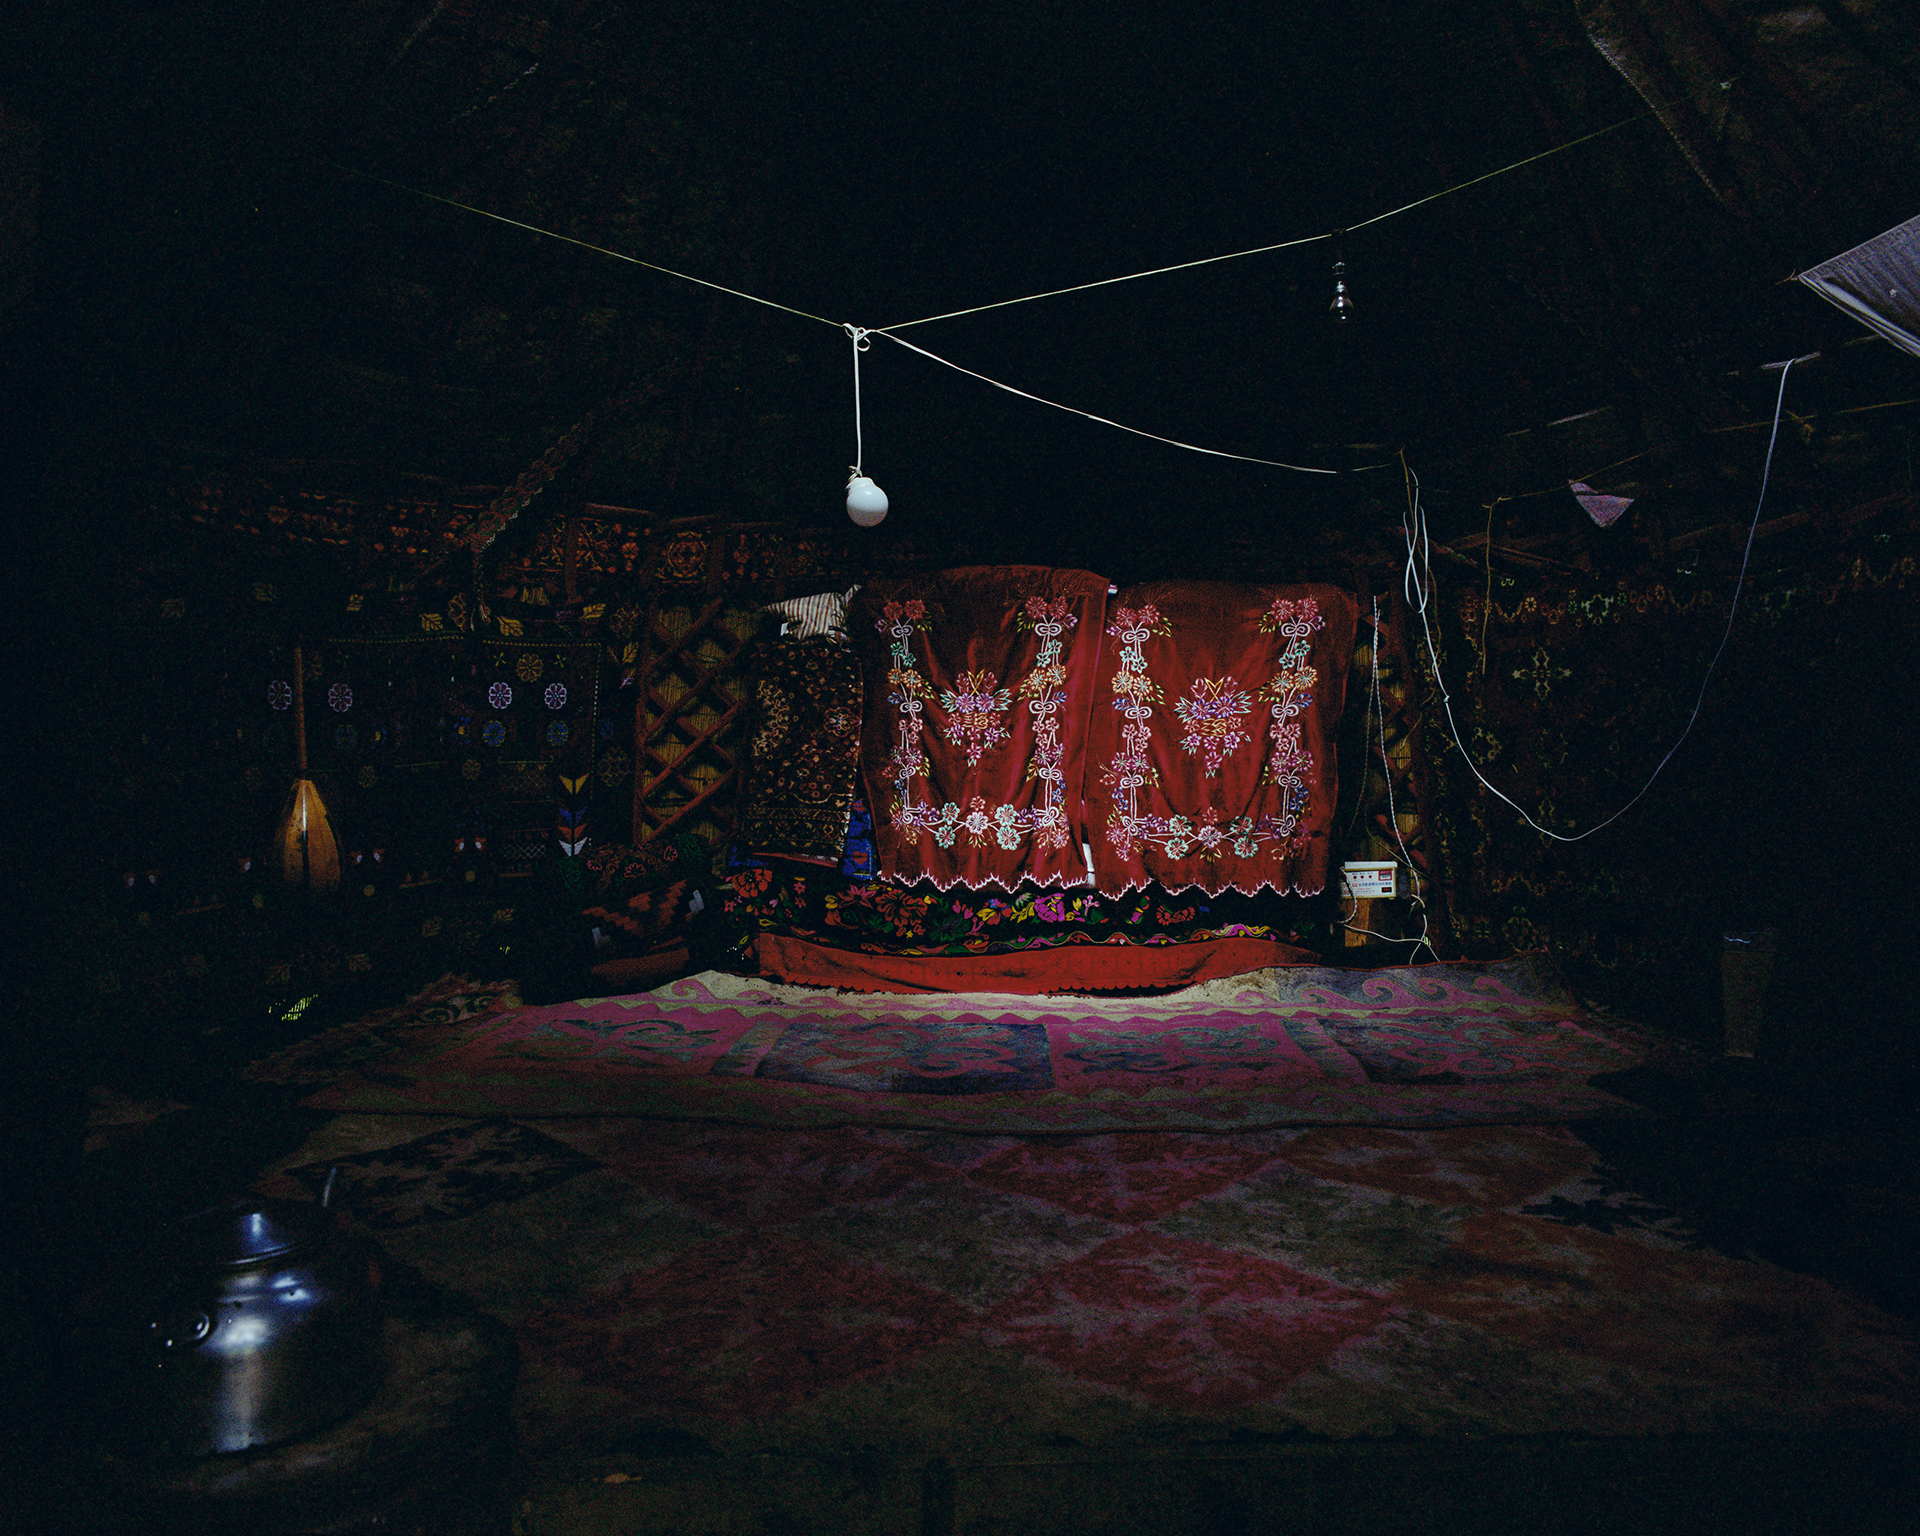 2007 Xinjiang - Karaoke bar in the country side.